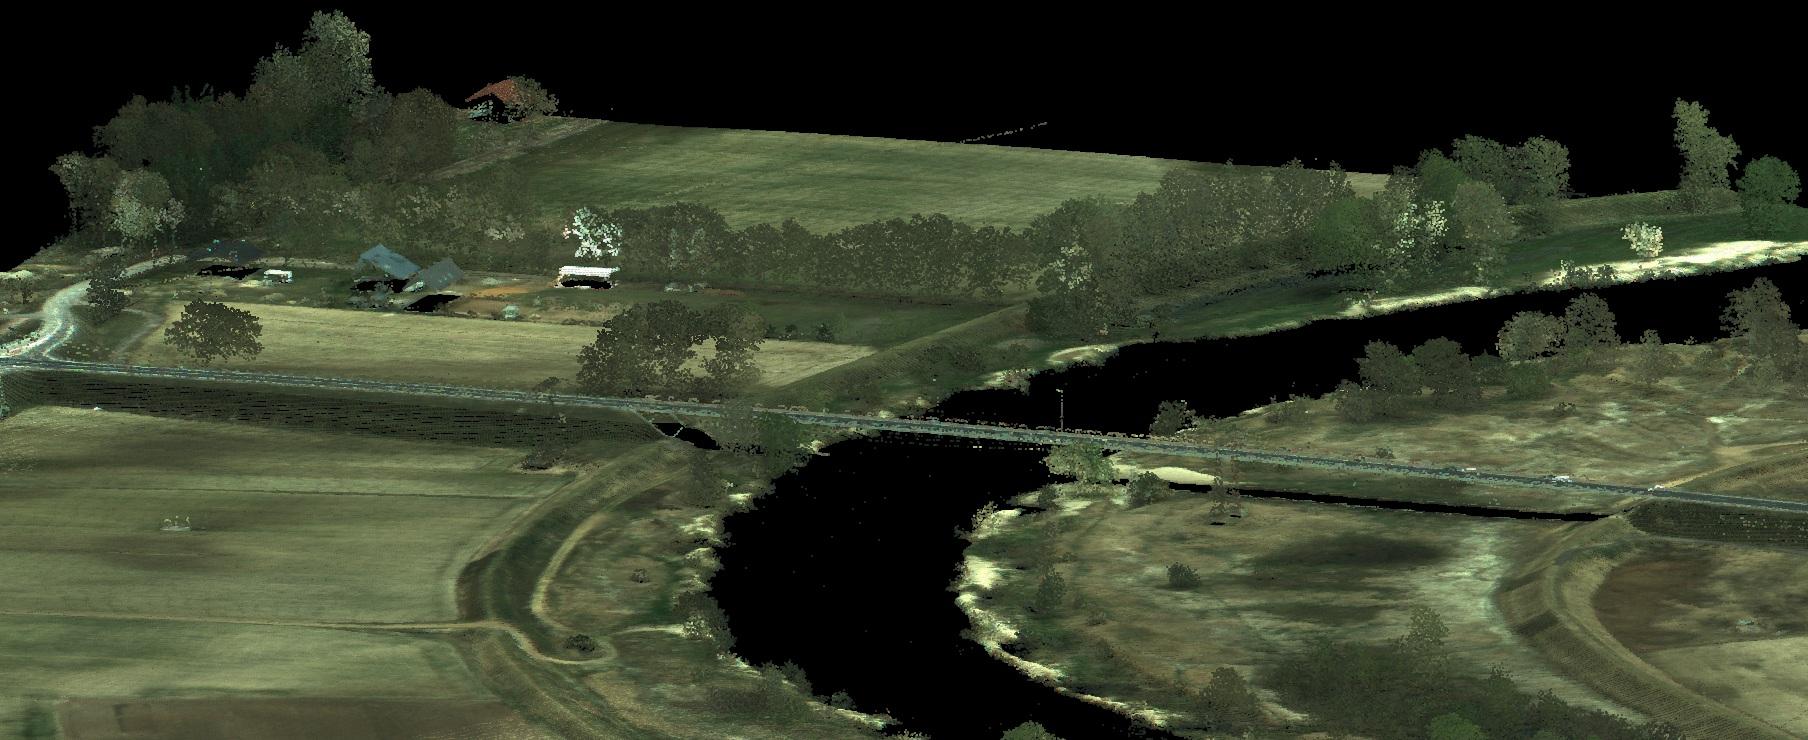 Wizualizacja atrybutów RGB danych ALS pozwala na odwzorowanie kolorów skanowanego terenu. Na obrazie tereny zielone łaki i drzewa, rzeka w kolorze czarnym, białe budynki po lewej stronie